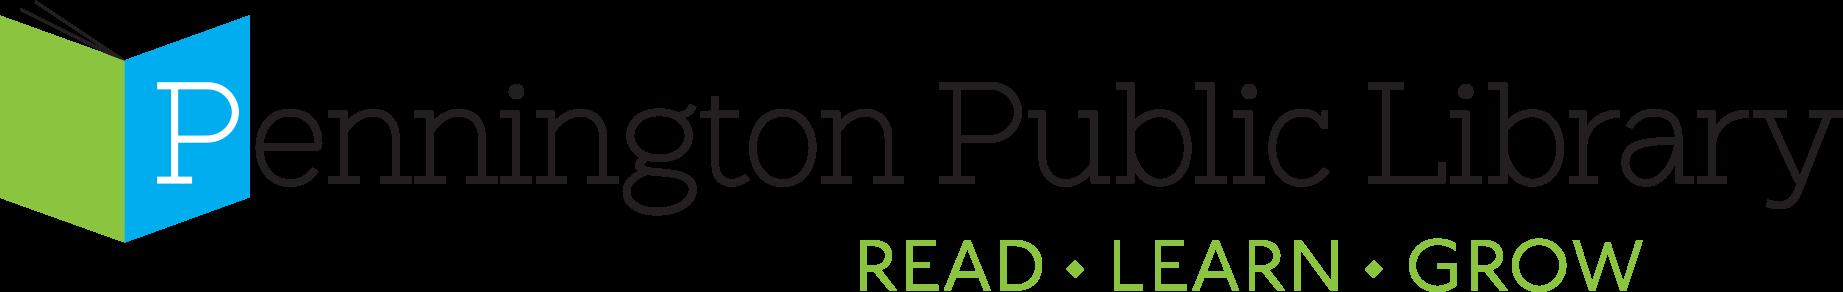 Pennington Public Library logo